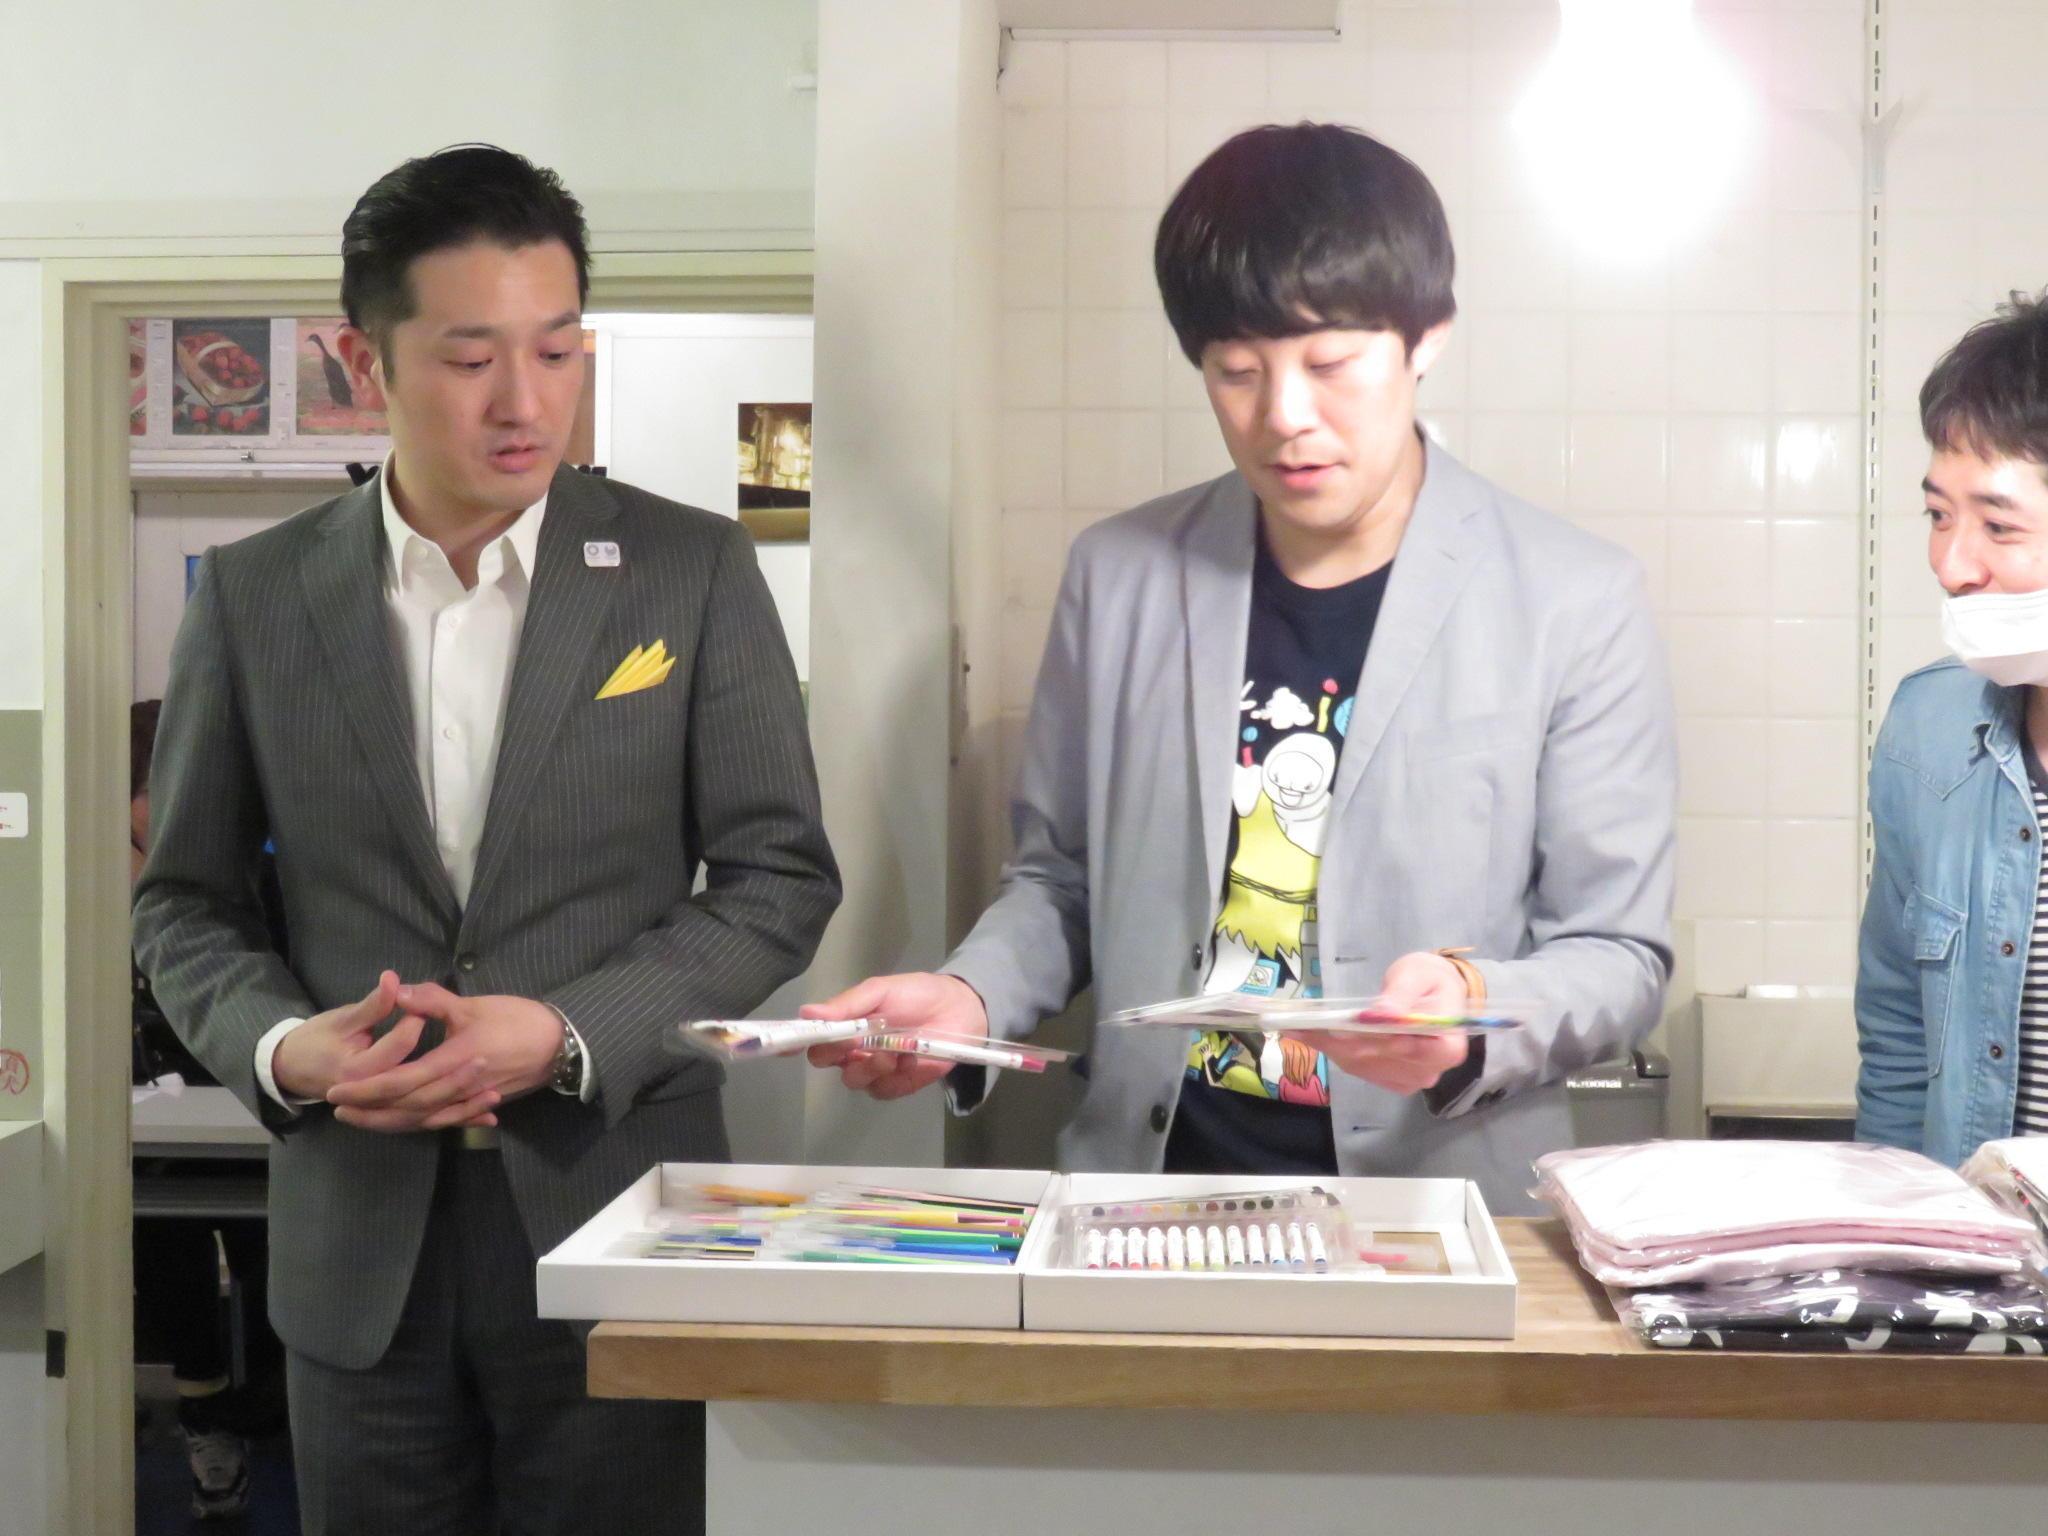 http://news.yoshimoto.co.jp/20170320205859-98129a98fee97679d475ed60b187421311497bc0.jpg